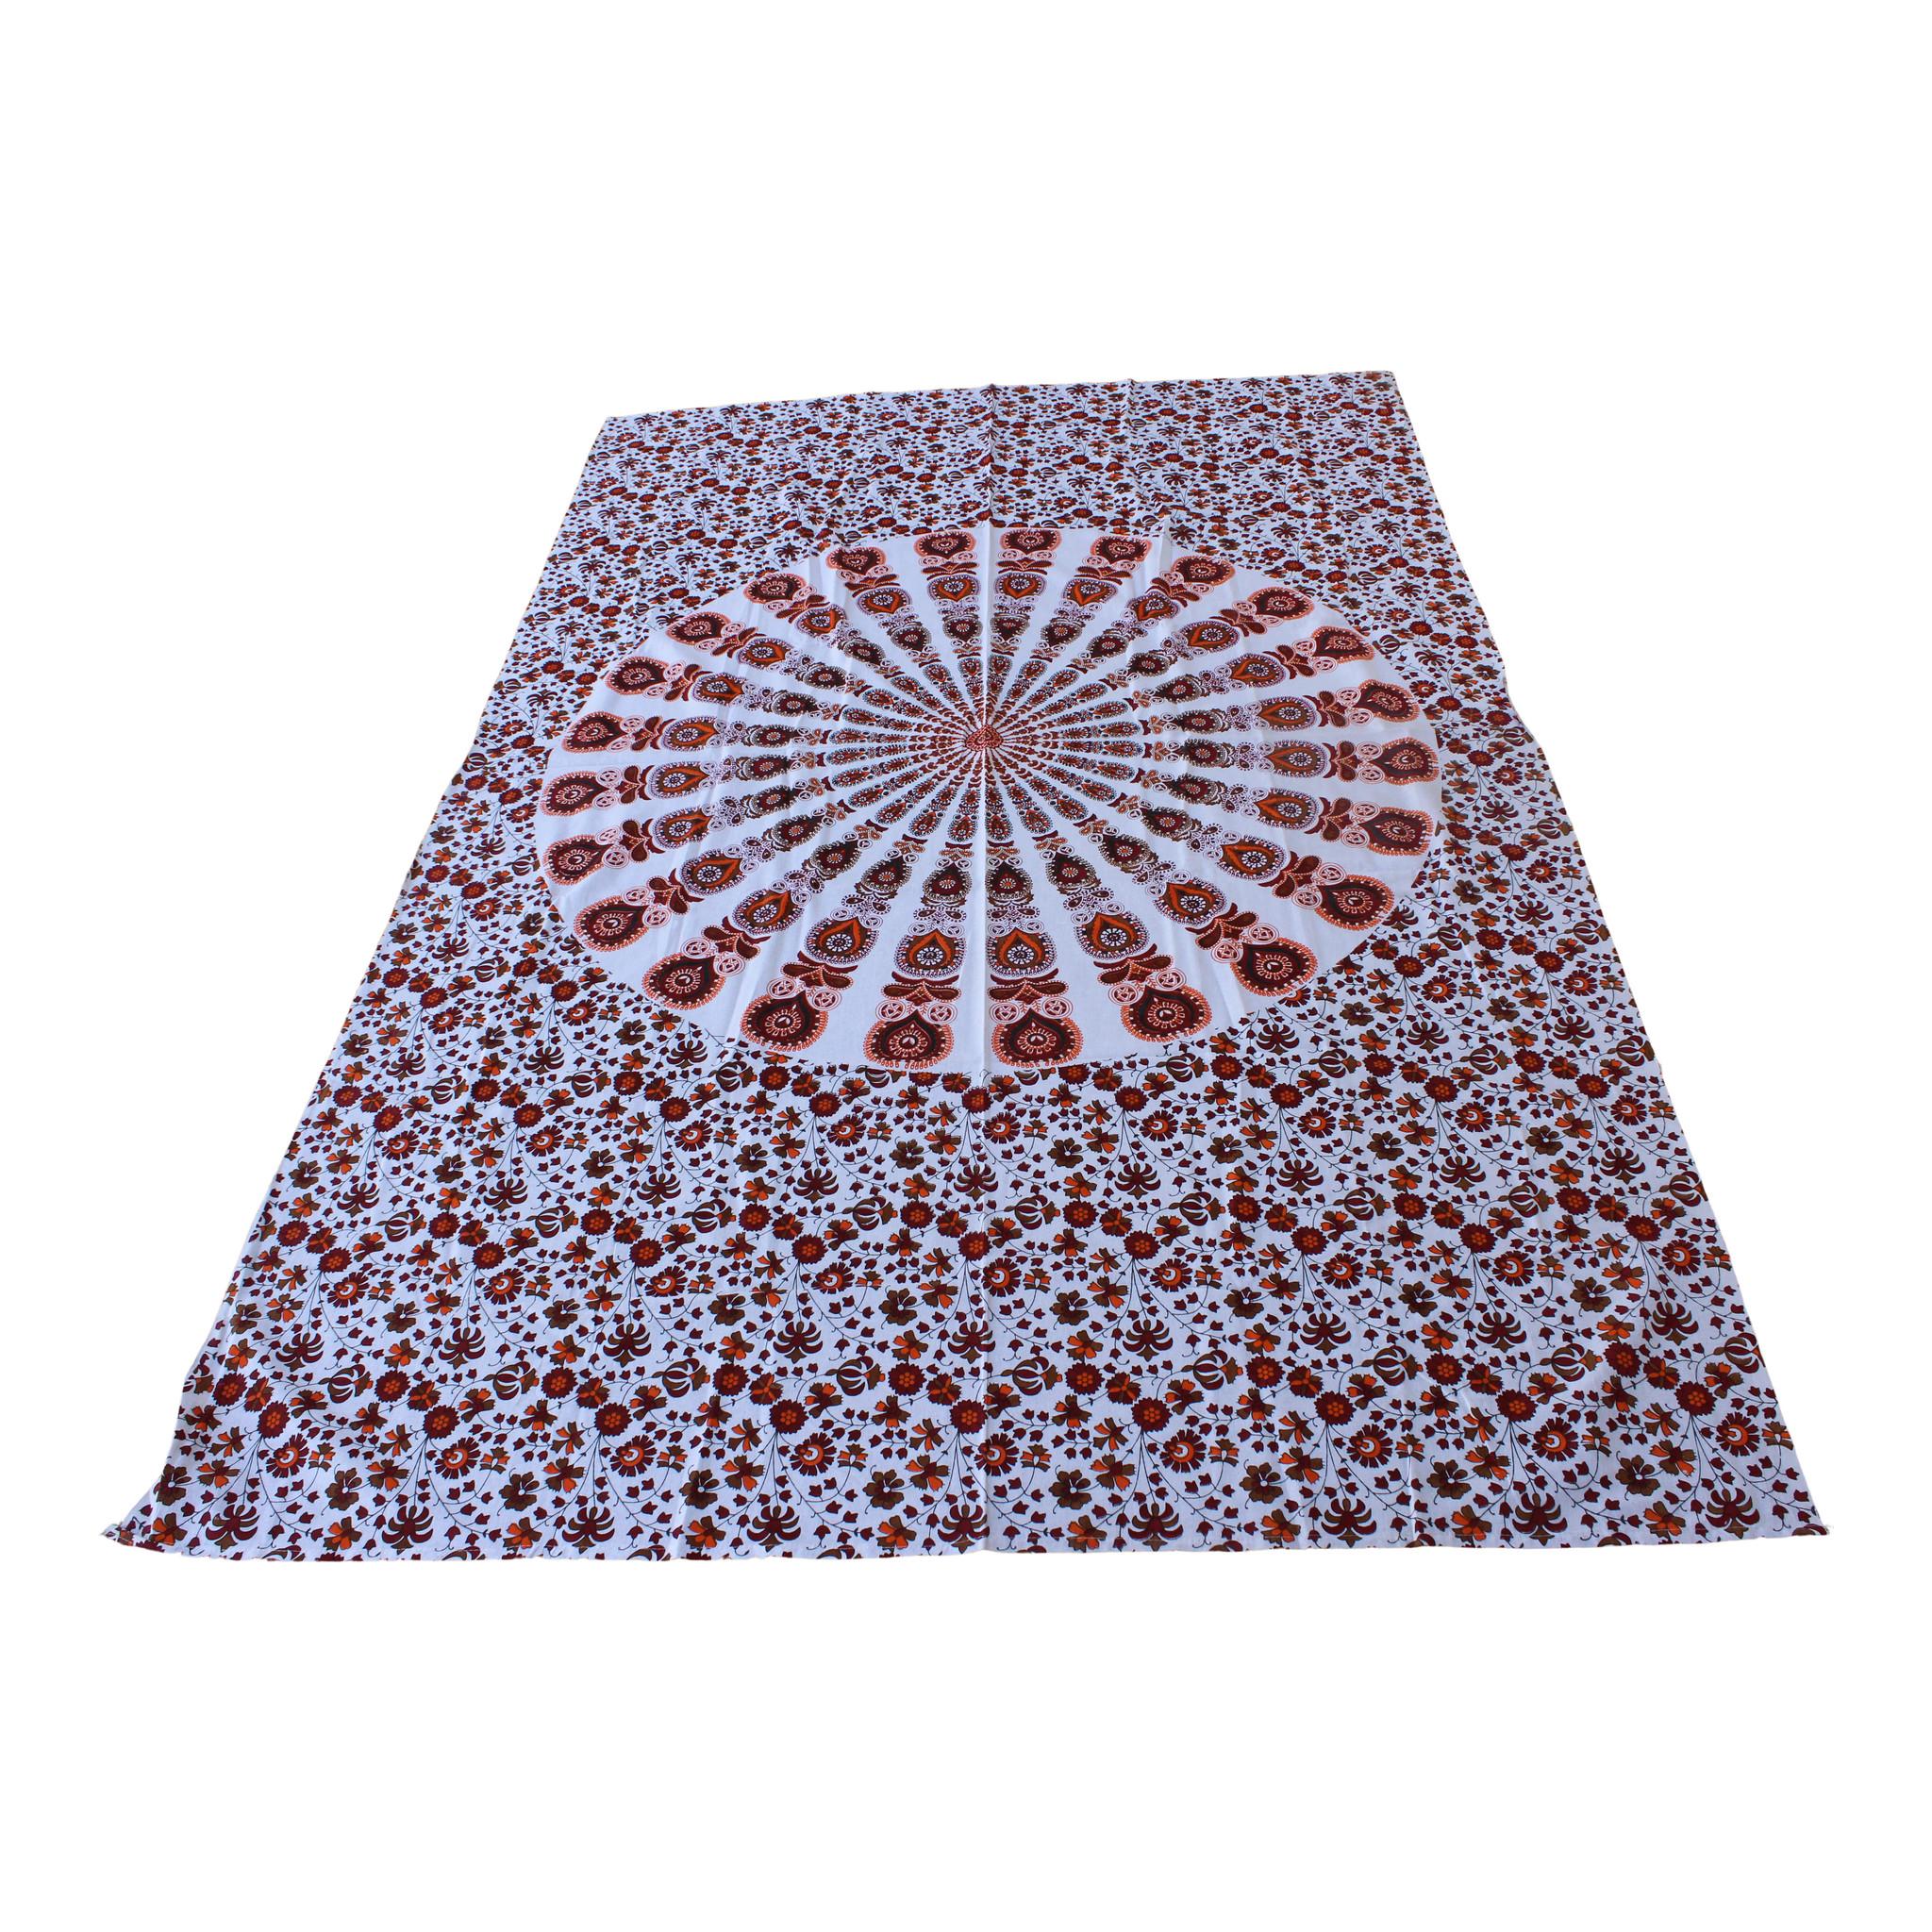 Myroundie Myroundie – roundie  - rechthoekig strandlaken – strandkleed - yoga kleed - picknickkleed - speelkleed - muurkleed - 100% katoen  - 140 x 210 cm - 813